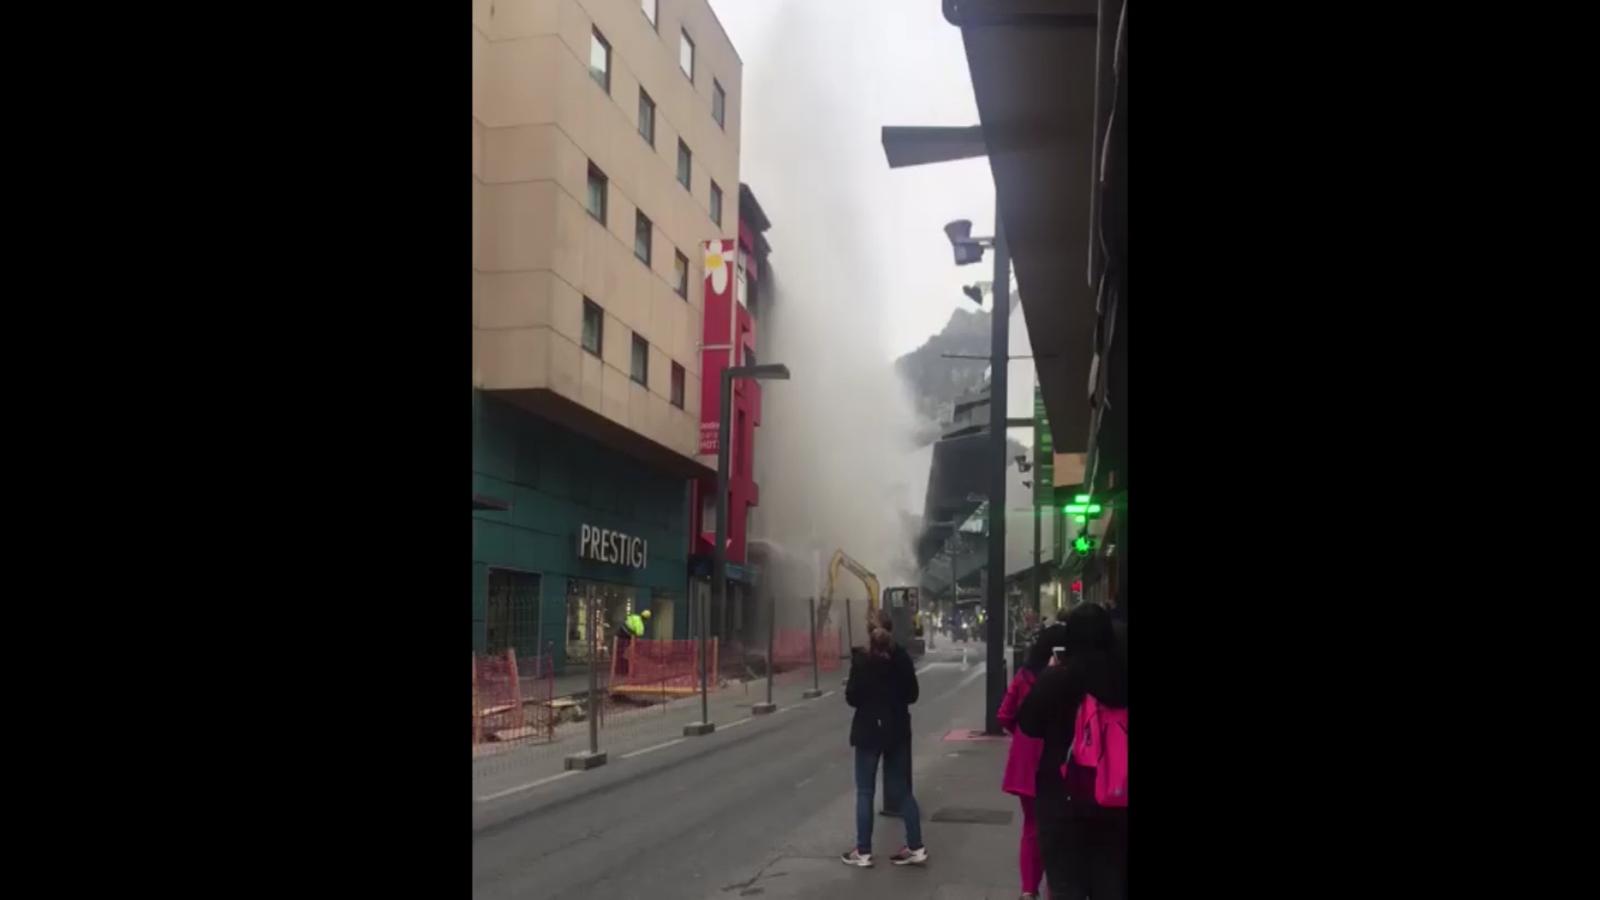 Espectacular fuita d'aigua a l'avinguda Meritxell a causa de les obres